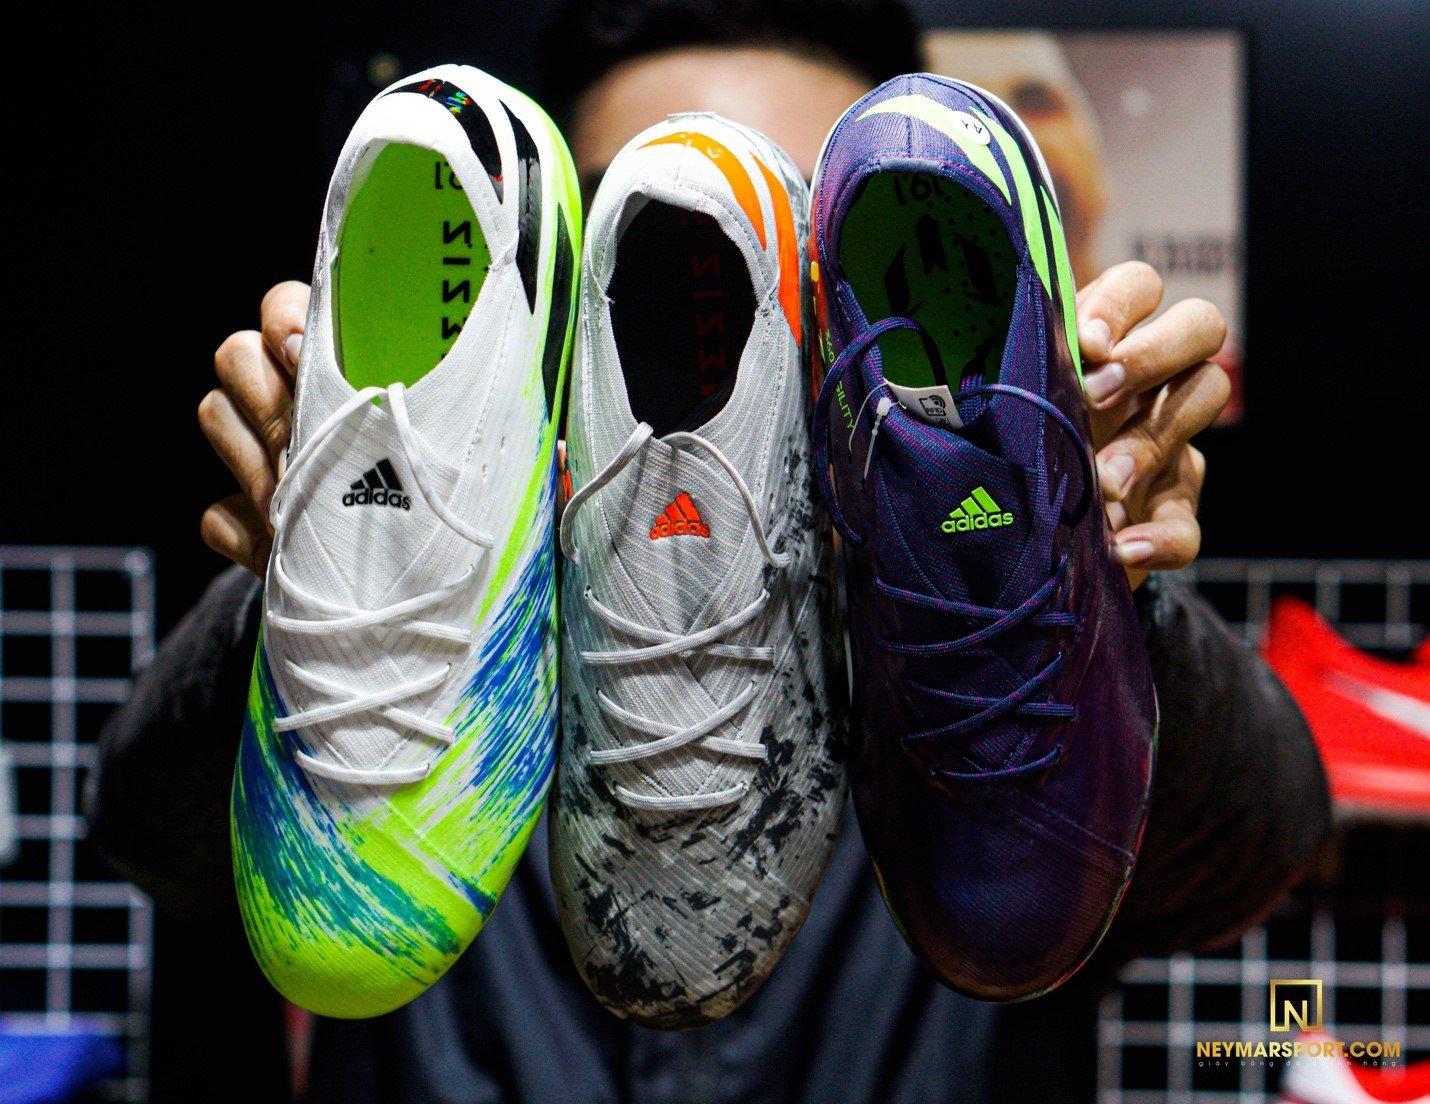 4 Mẫu Giày Cỏ Tự Nhiên Cao Cấp Nhất Của Adidas Vừa Restock Tại Neymarsport Trong Tháng 7